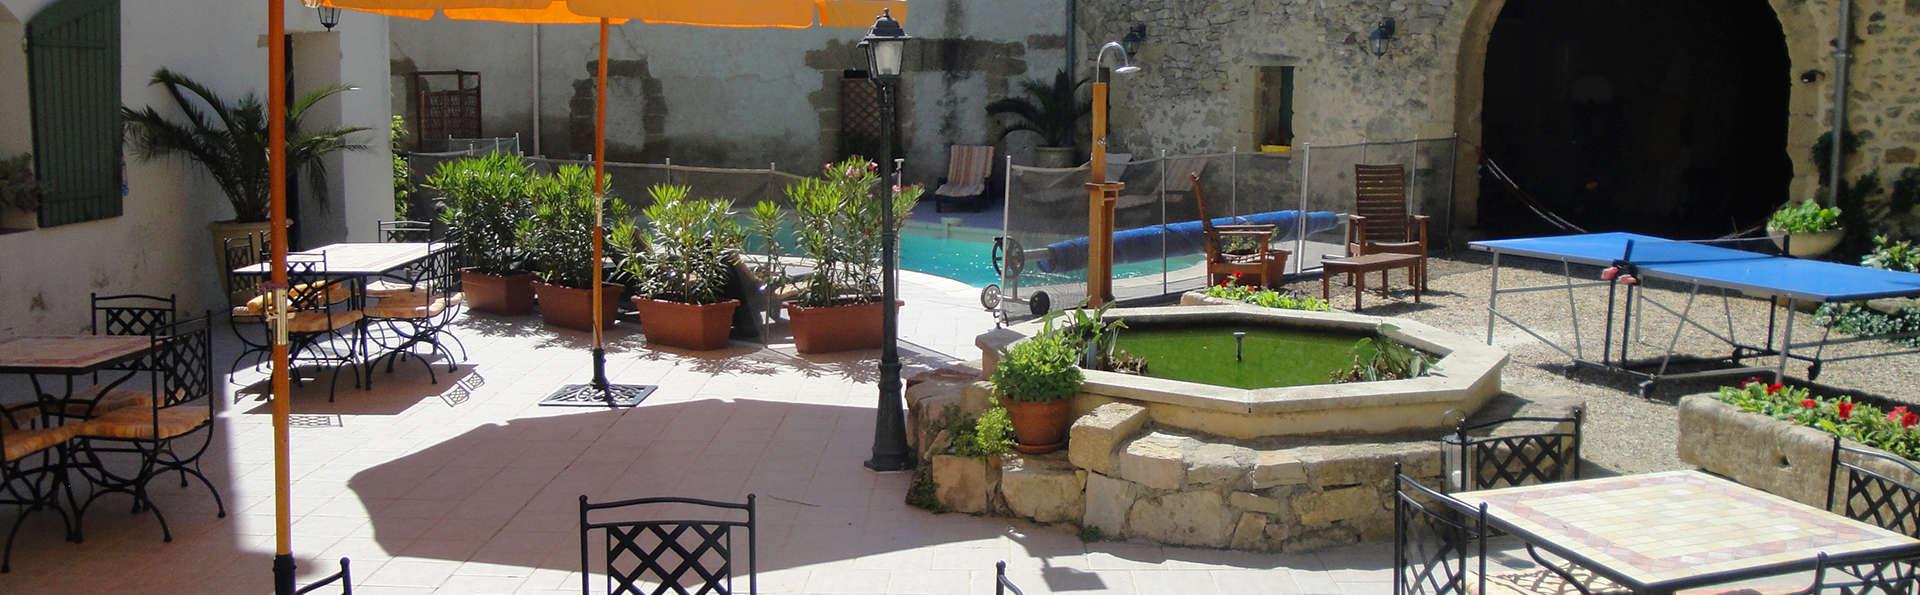 Week end avec dîner provençale dans une chambre d'hôtes près d'Uzès